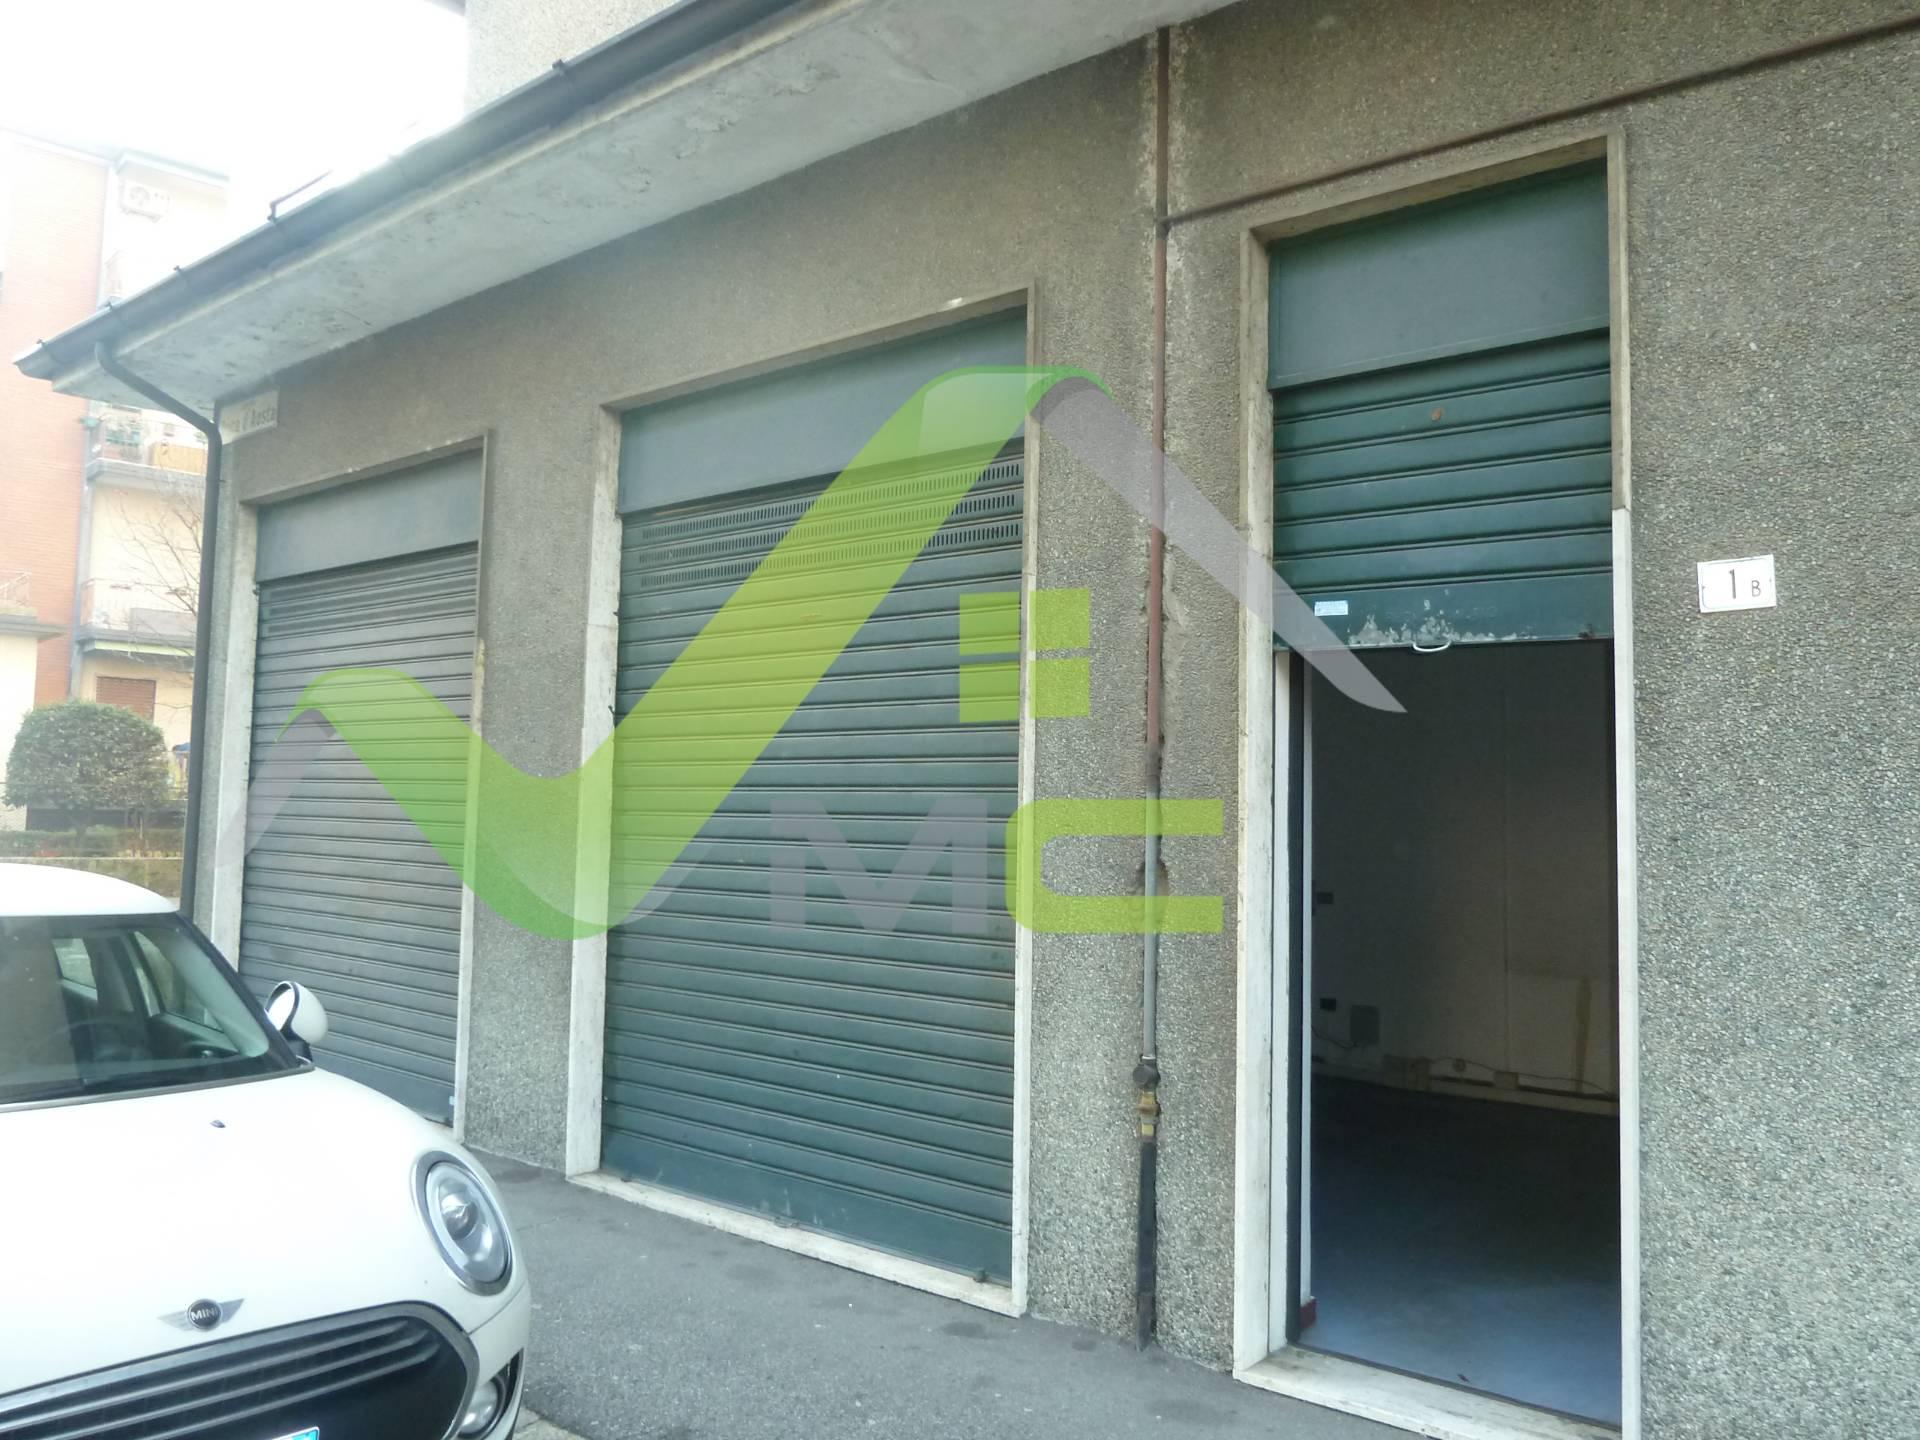 Negozio / Locale in vendita a Melzo, 9999 locali, prezzo € 38.000 | PortaleAgenzieImmobiliari.it